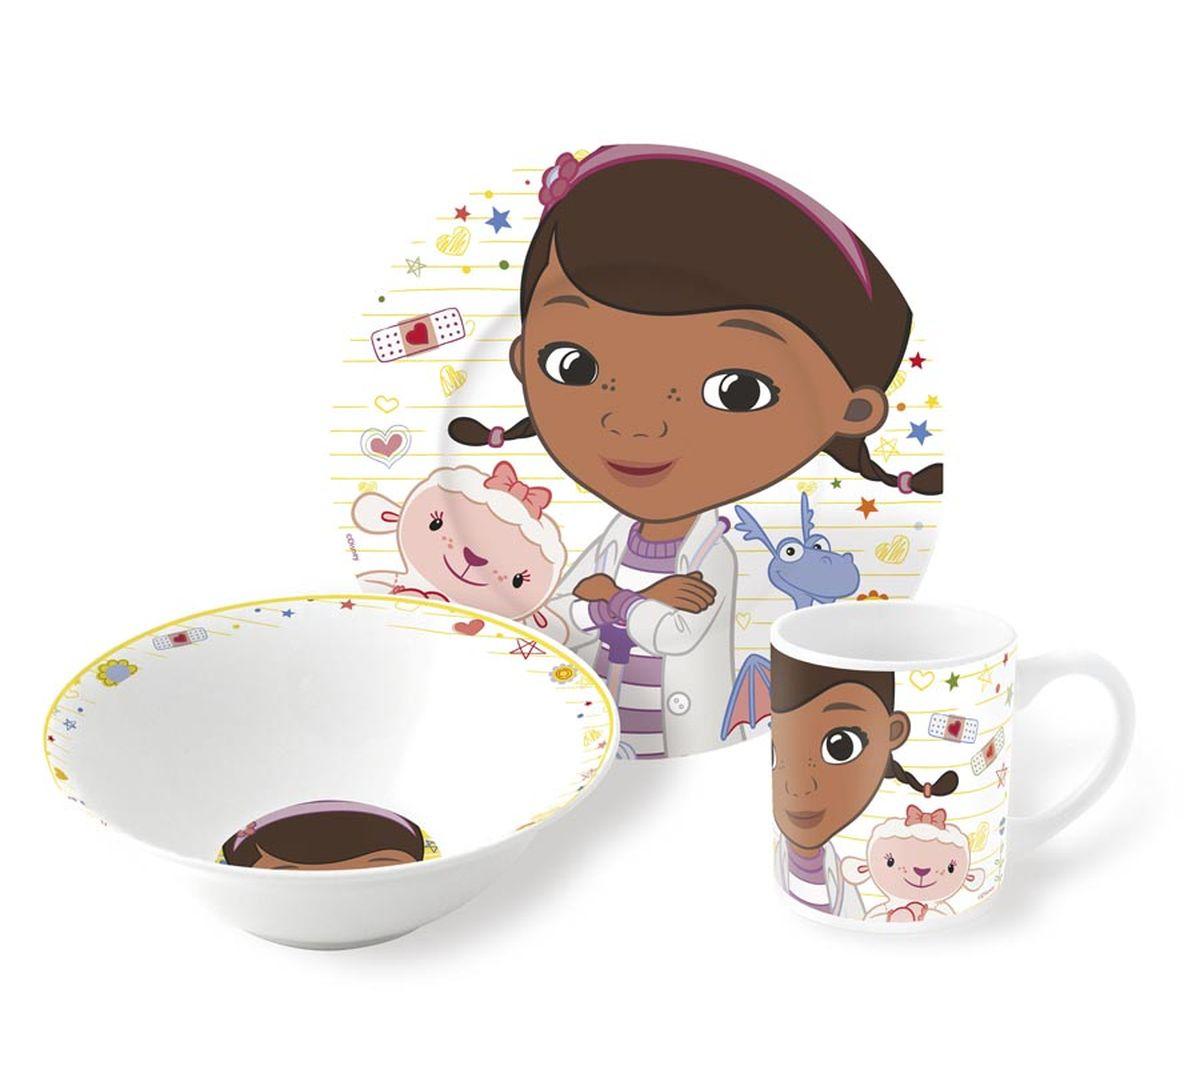 Disney Набор детской посуды Доктор Плюшева 3 предмета54 009312Набор детской посуды Disney Доктор Плюшева состоит из трех предметов: тарелки, миски и кружки. Изделия выполнены из керамики и оформлены изображениями любимой героини.В наборе есть все необходимое для завтраков, обедов и ужинов. Миска идеальна для супа или каши, а тарелка подойдет абсолютно для любых блюд: горячего или десерта. Яркий красочный дизайн привлечет внимание ребенка и сделает прием пищи веселым занятием. Идеальный по составу набор для всех блюд детям дошкольного возраста.